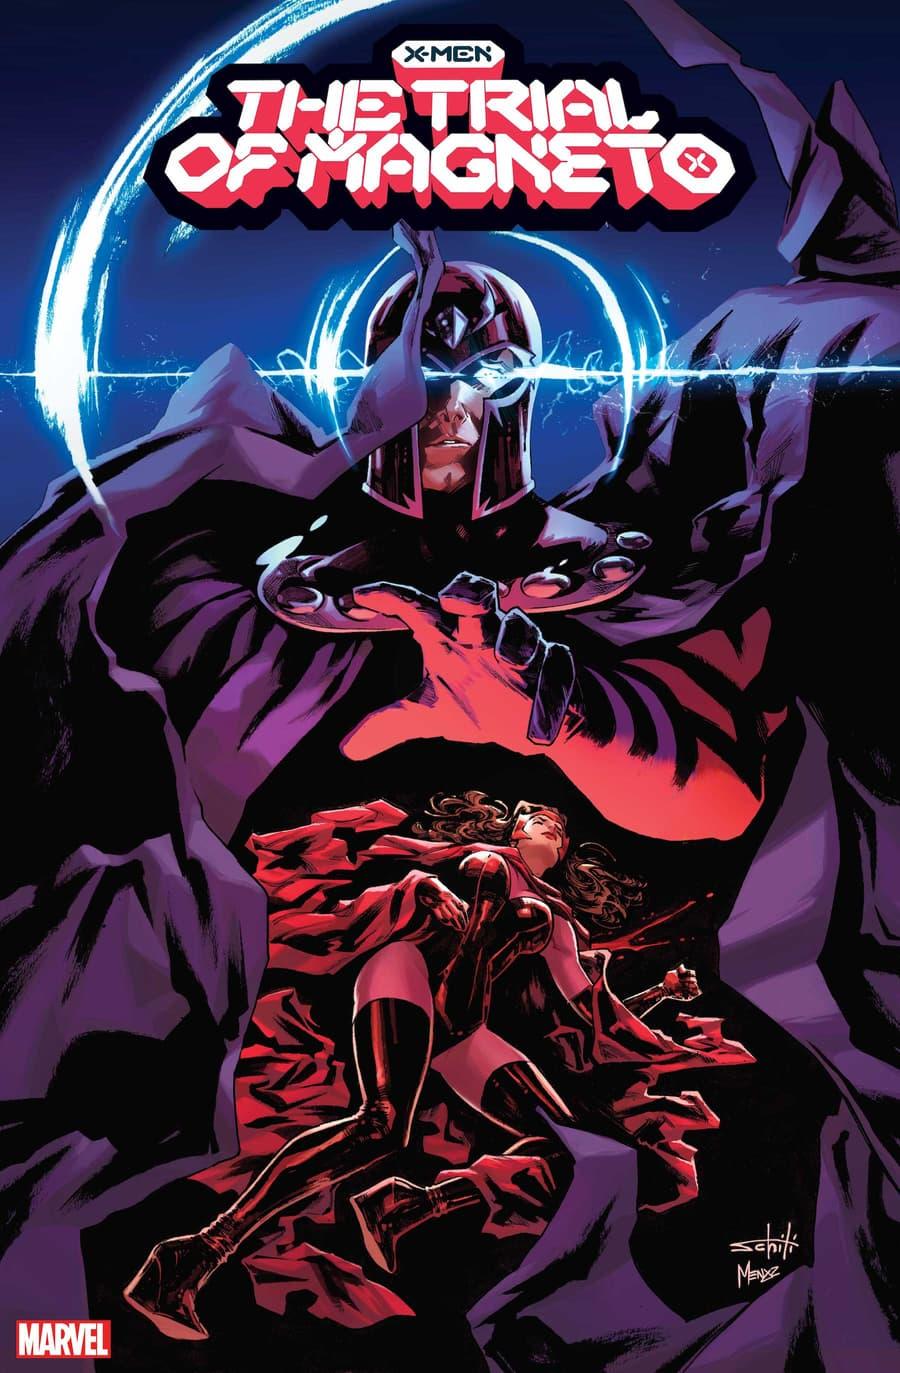 X-MEN: TRIAL OF MAGNETO #1 cover by Valerio Schiti